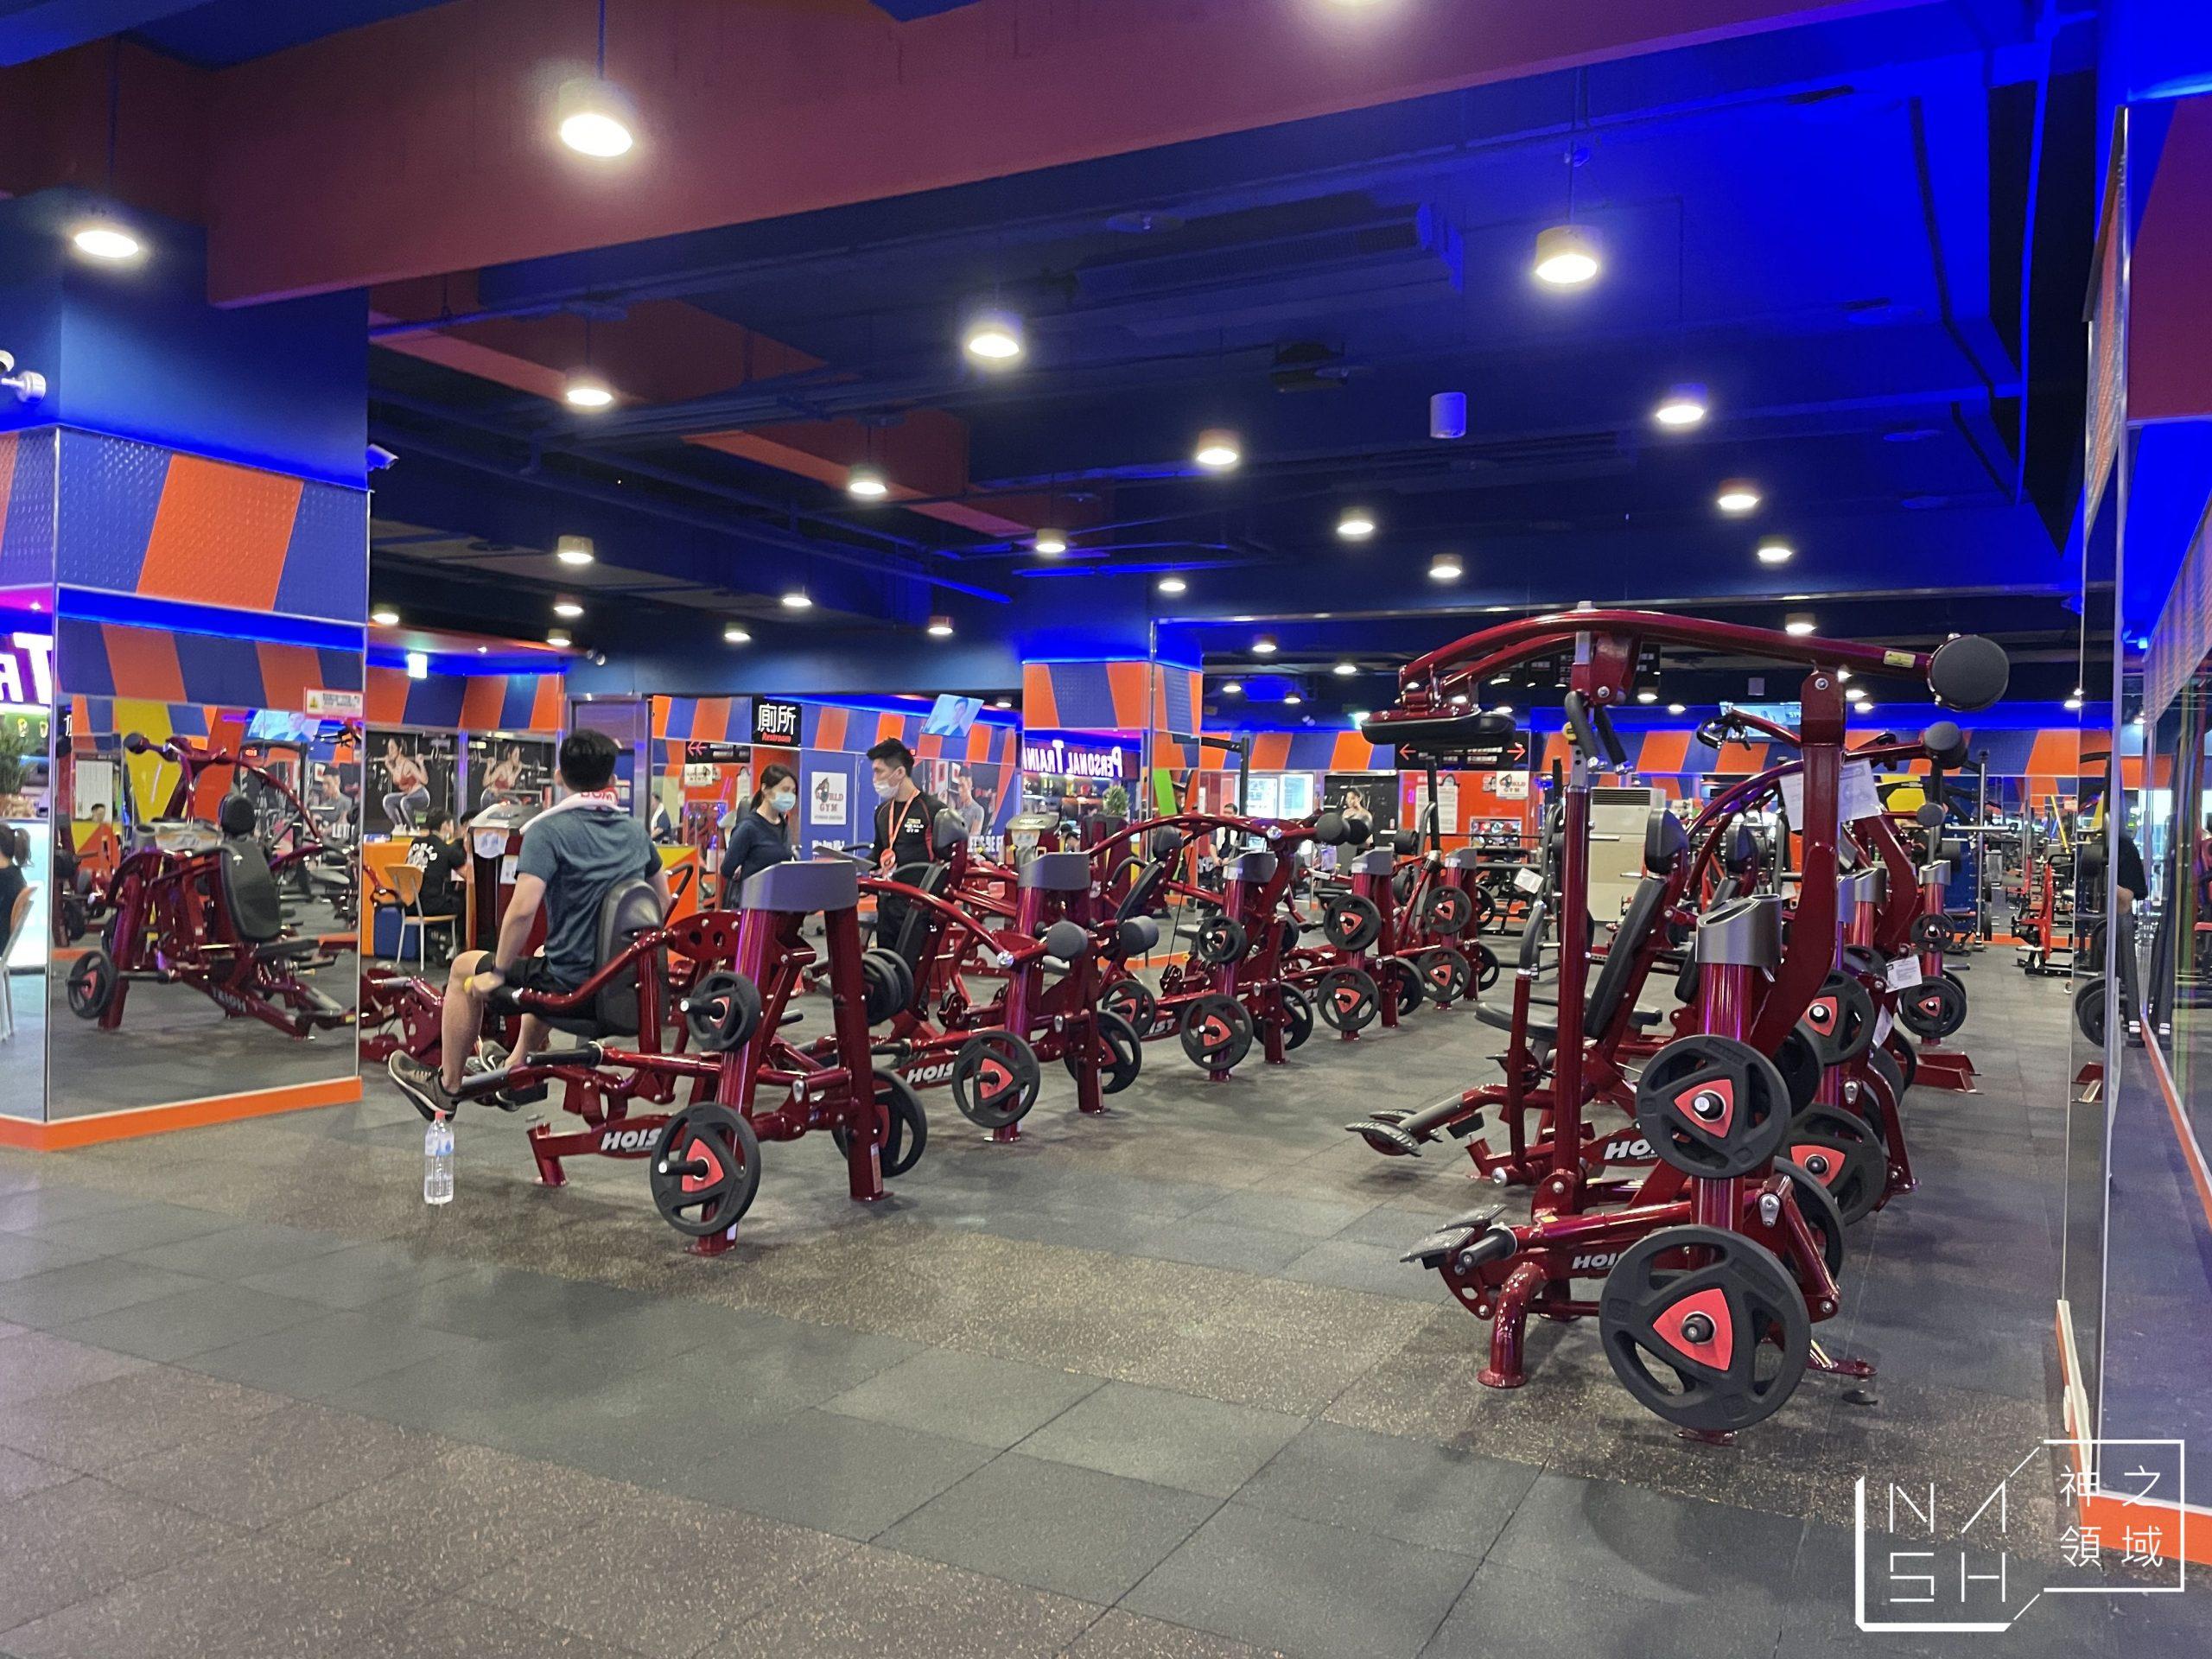 健身房推薦,World Gym費用,收費方式,world gym嘉義民族店,世界健身房嘉義 @Nash,神之領域